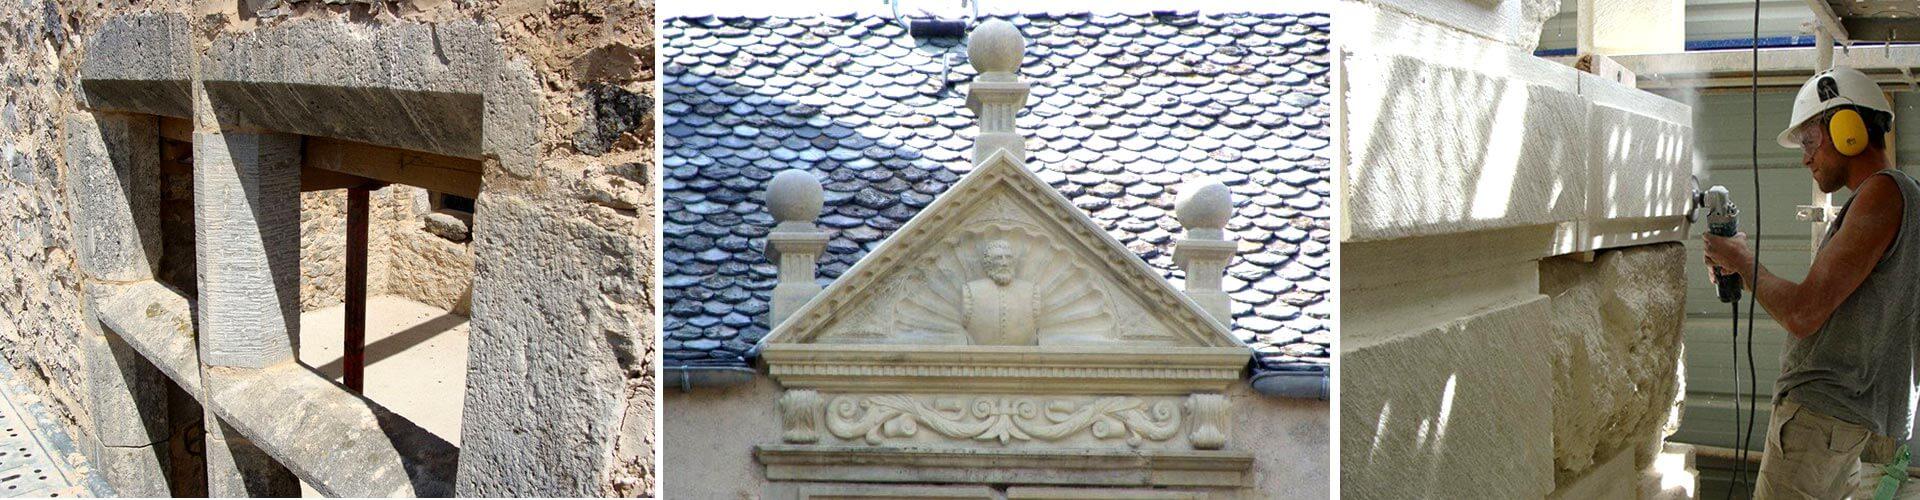 Muzzarelli Et Fils, Maçonnerie, Taille de Pierre, restauration du patrimoine bâti et des monuments historiques